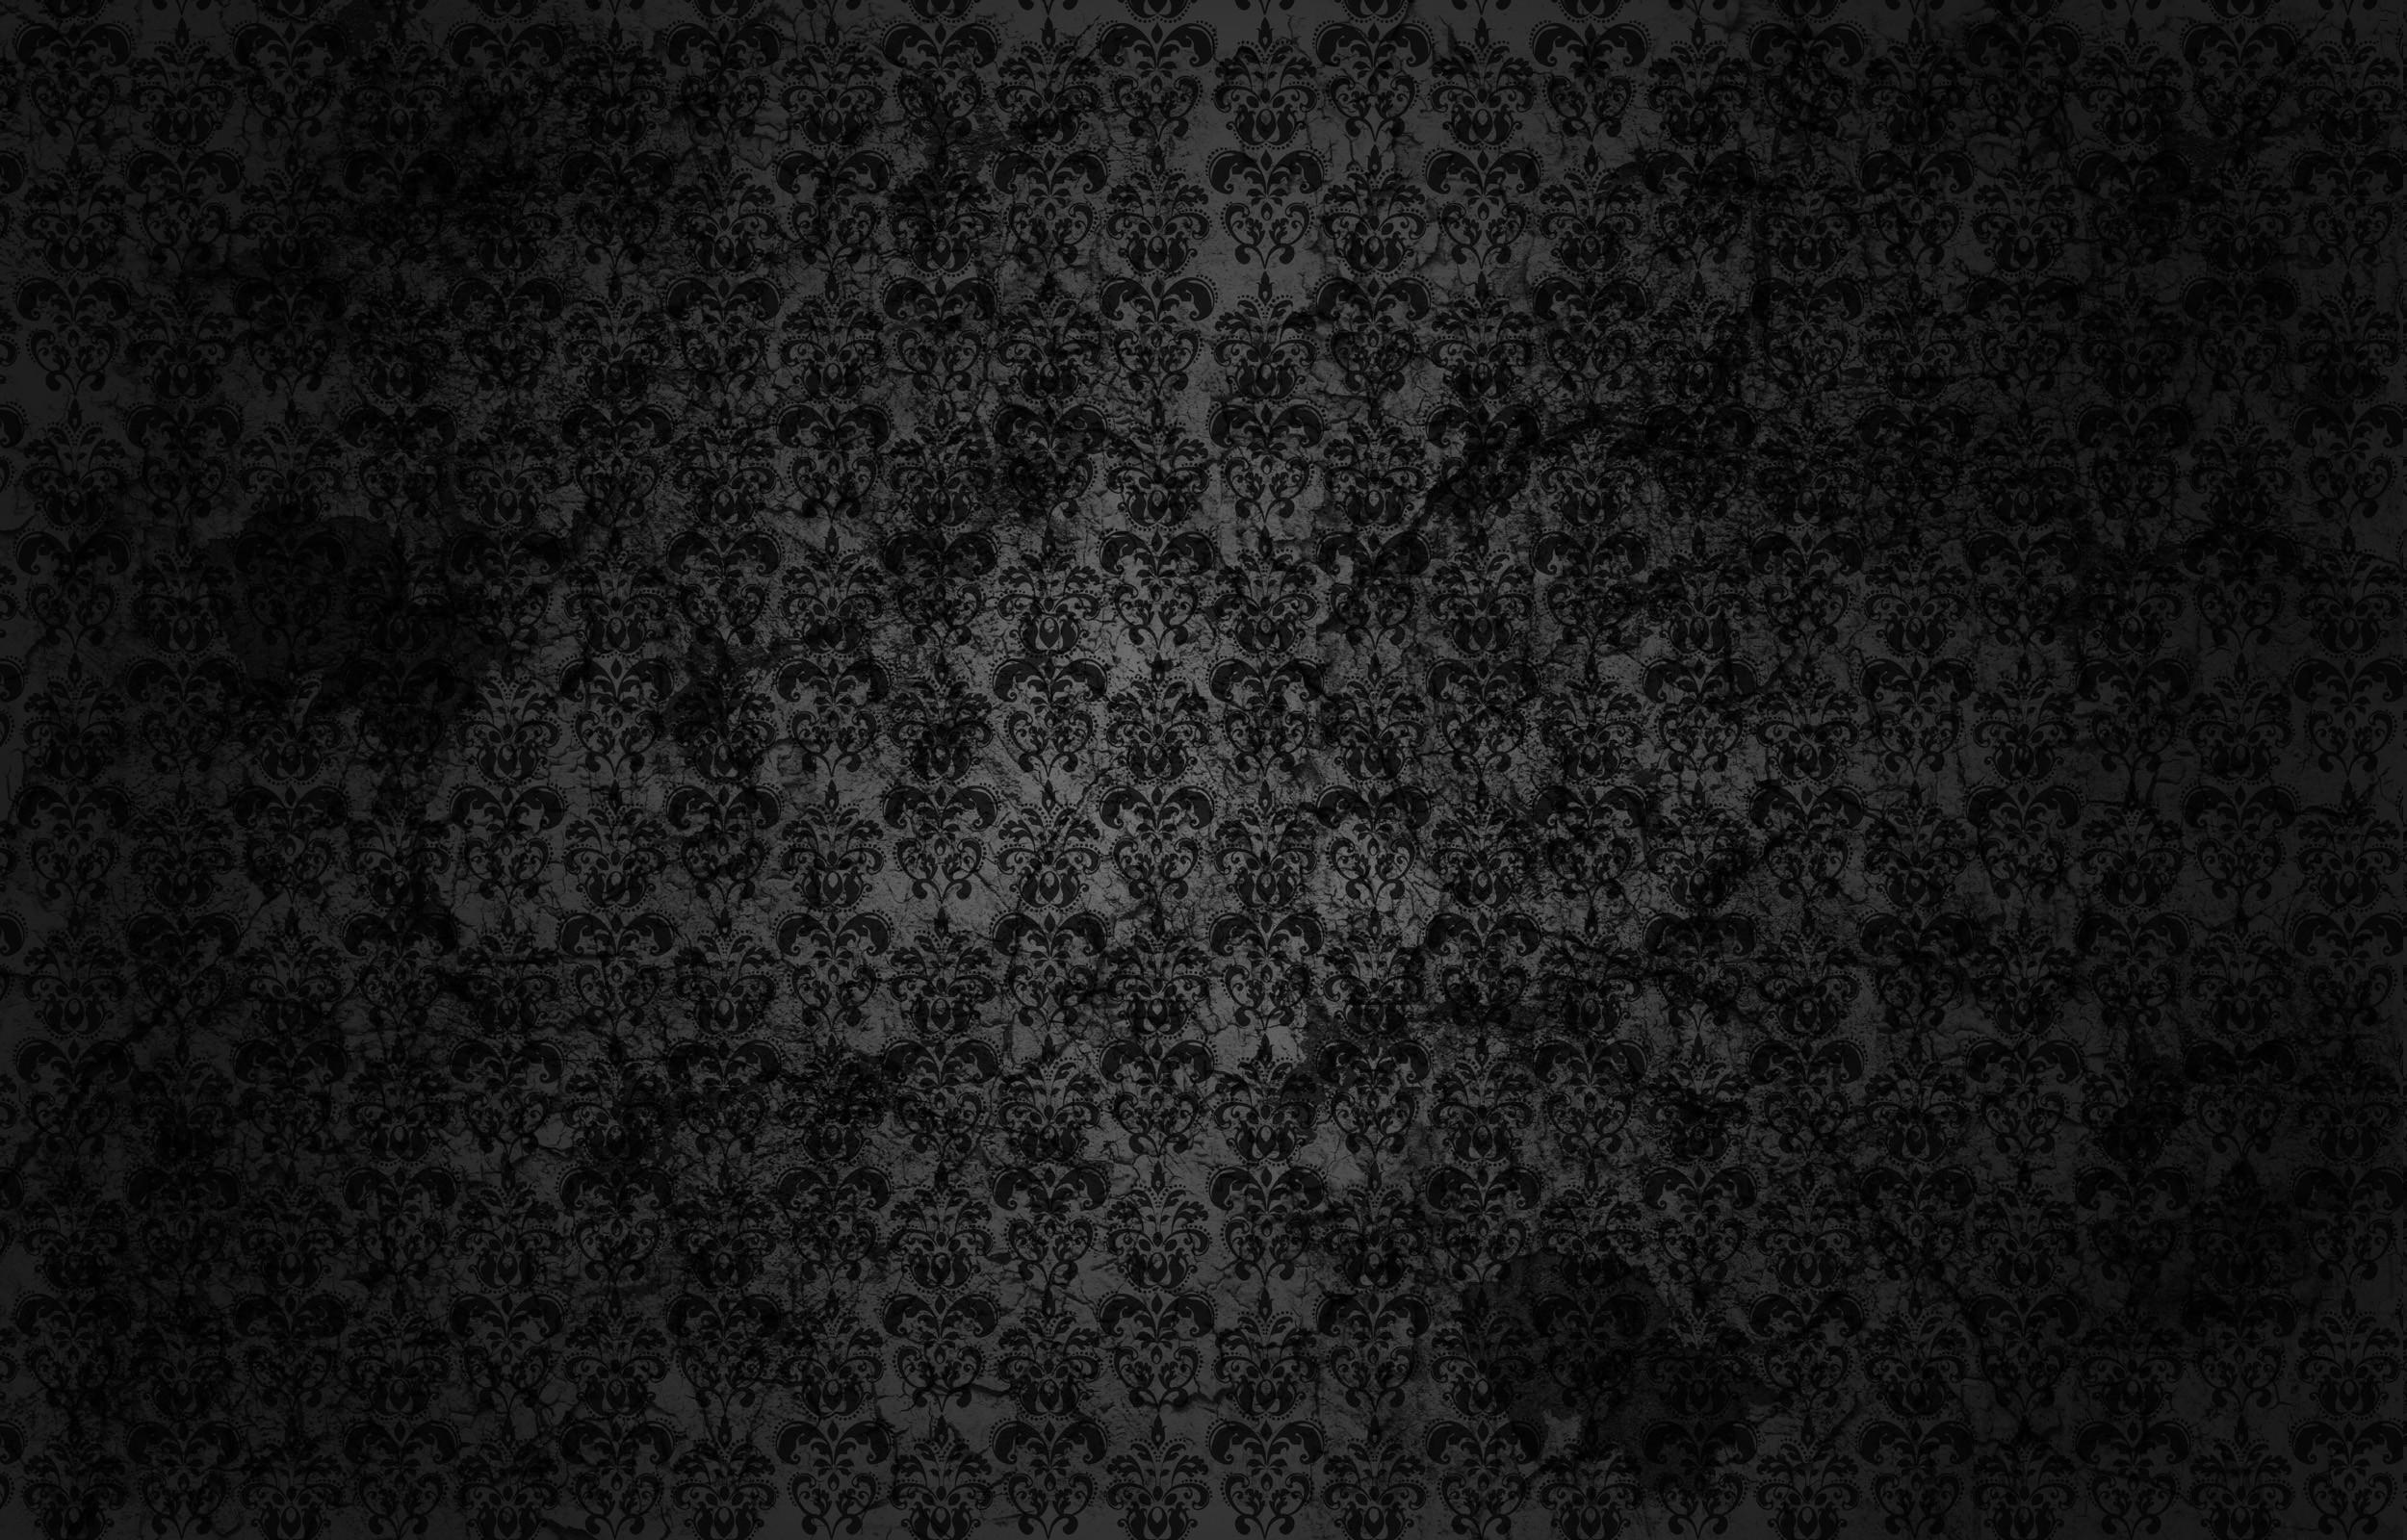 デスクトップ壁紙 抽象 空 パターン グランジ テクスチャ